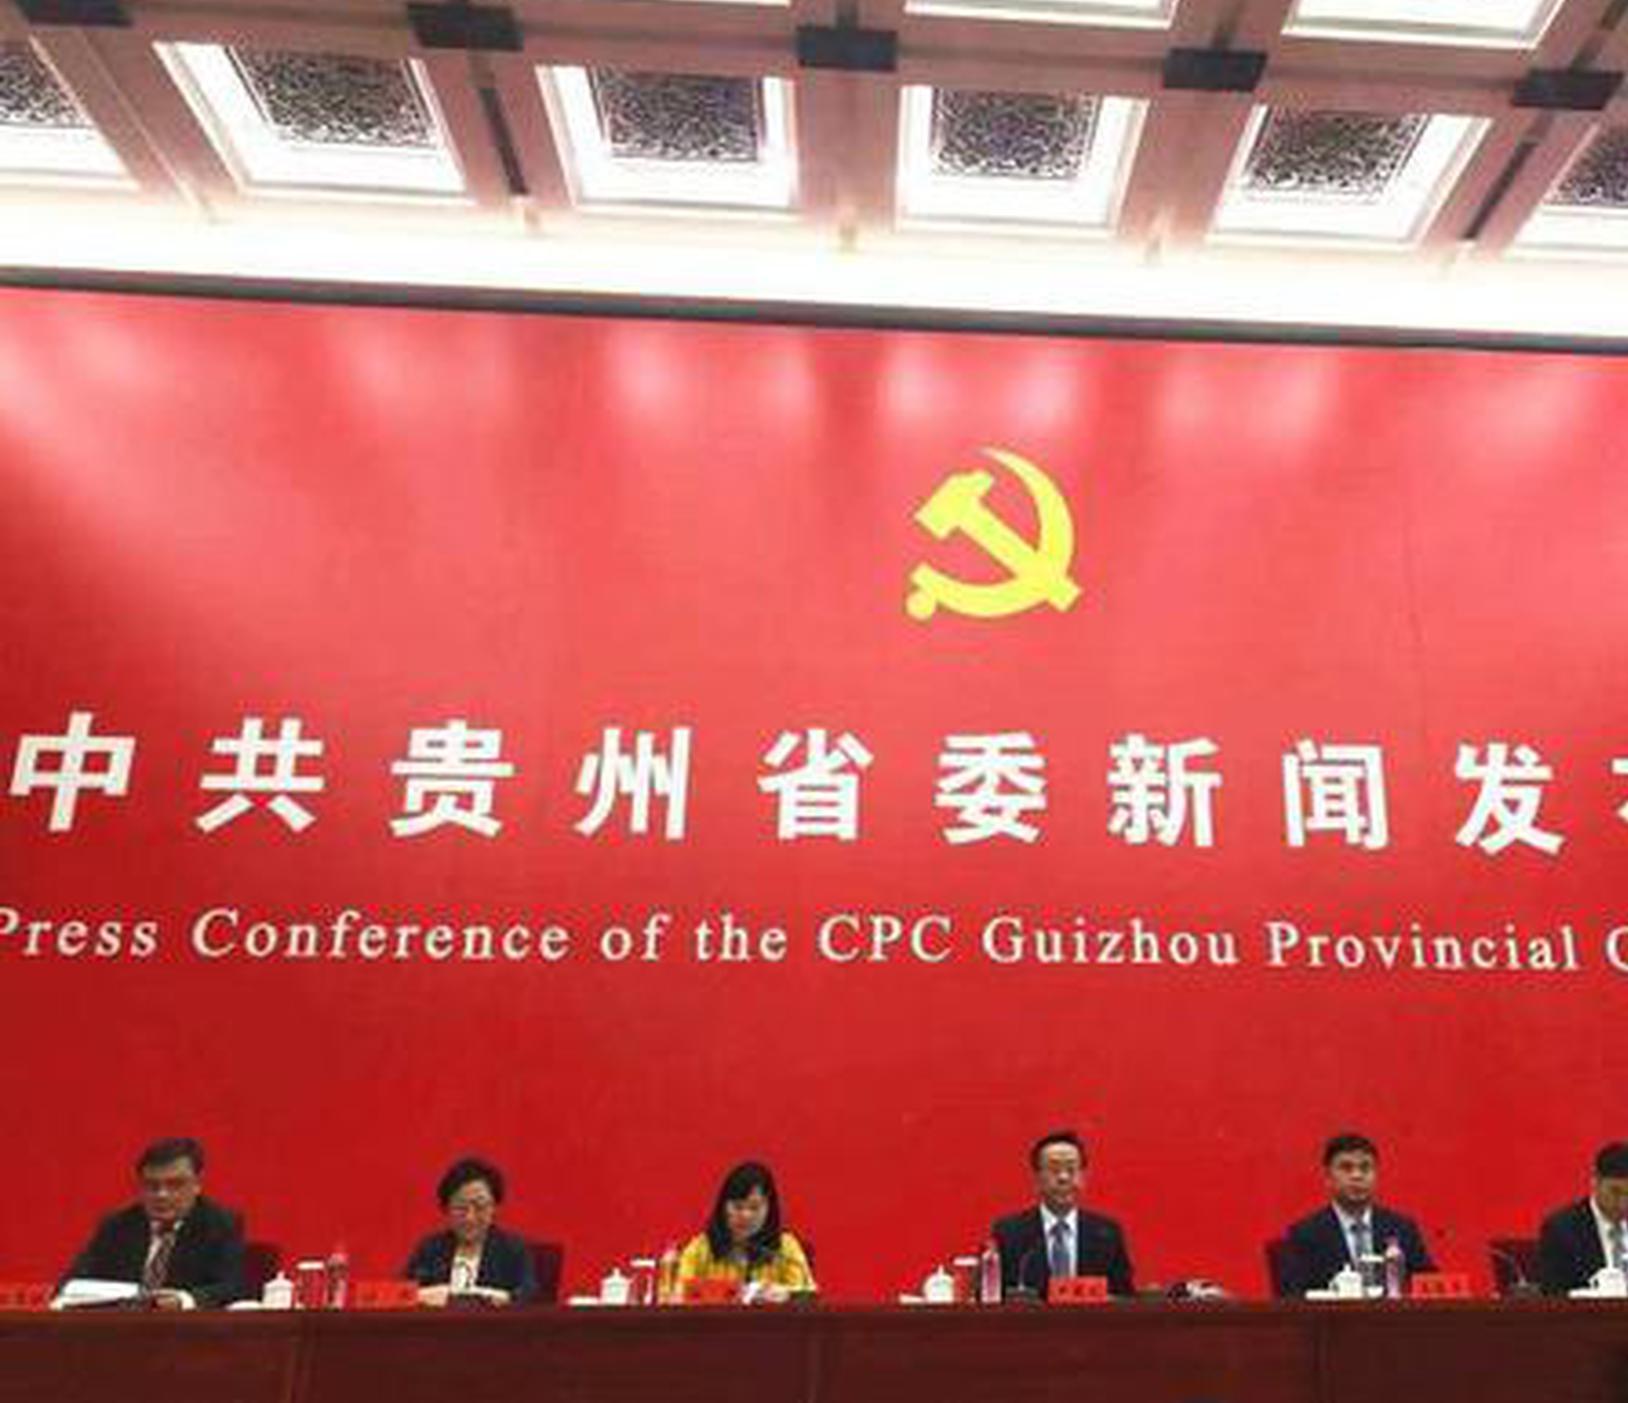 贵州省将举办系列活动庆祝中国共产党成立100周年